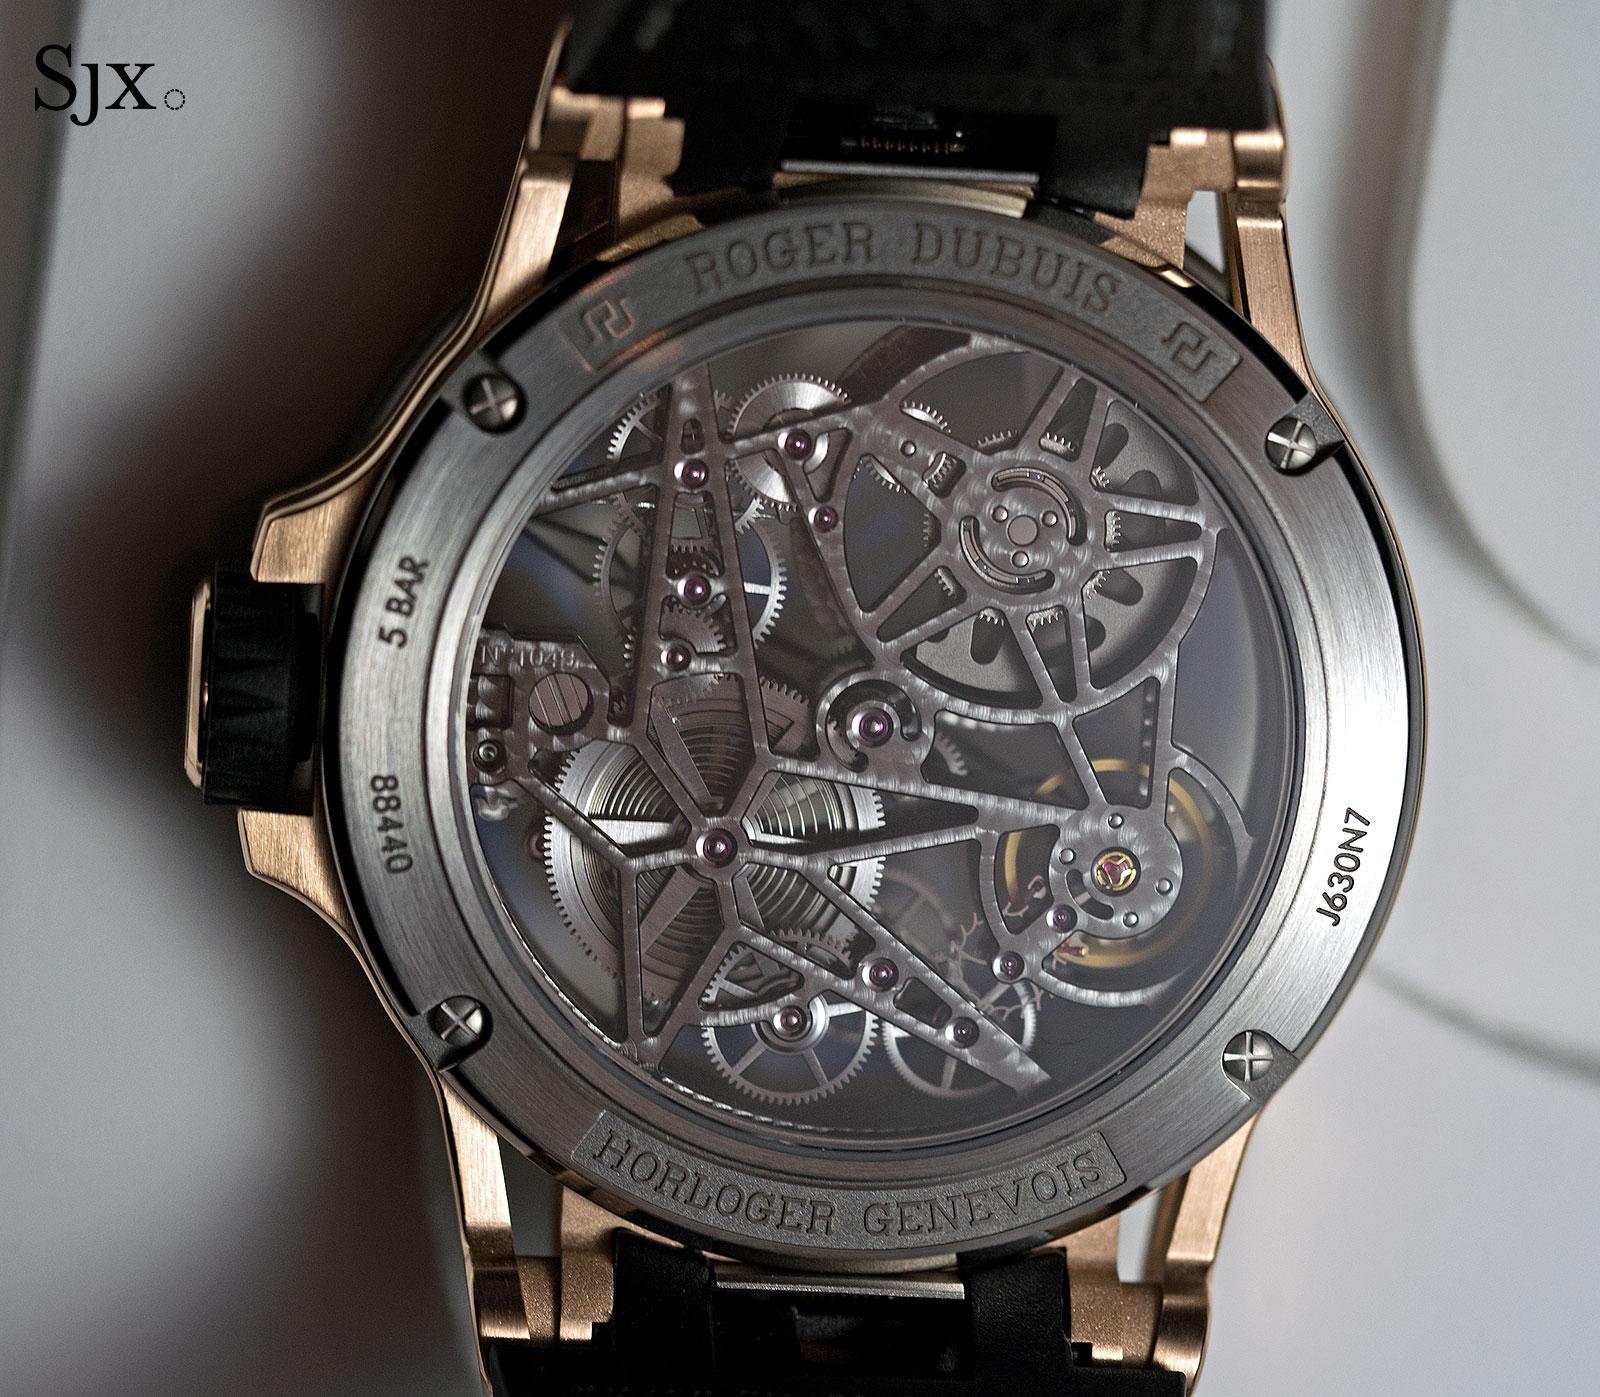 Roger Dubuis Excalibur Spider Automatic Skeleton gold-titanium 4